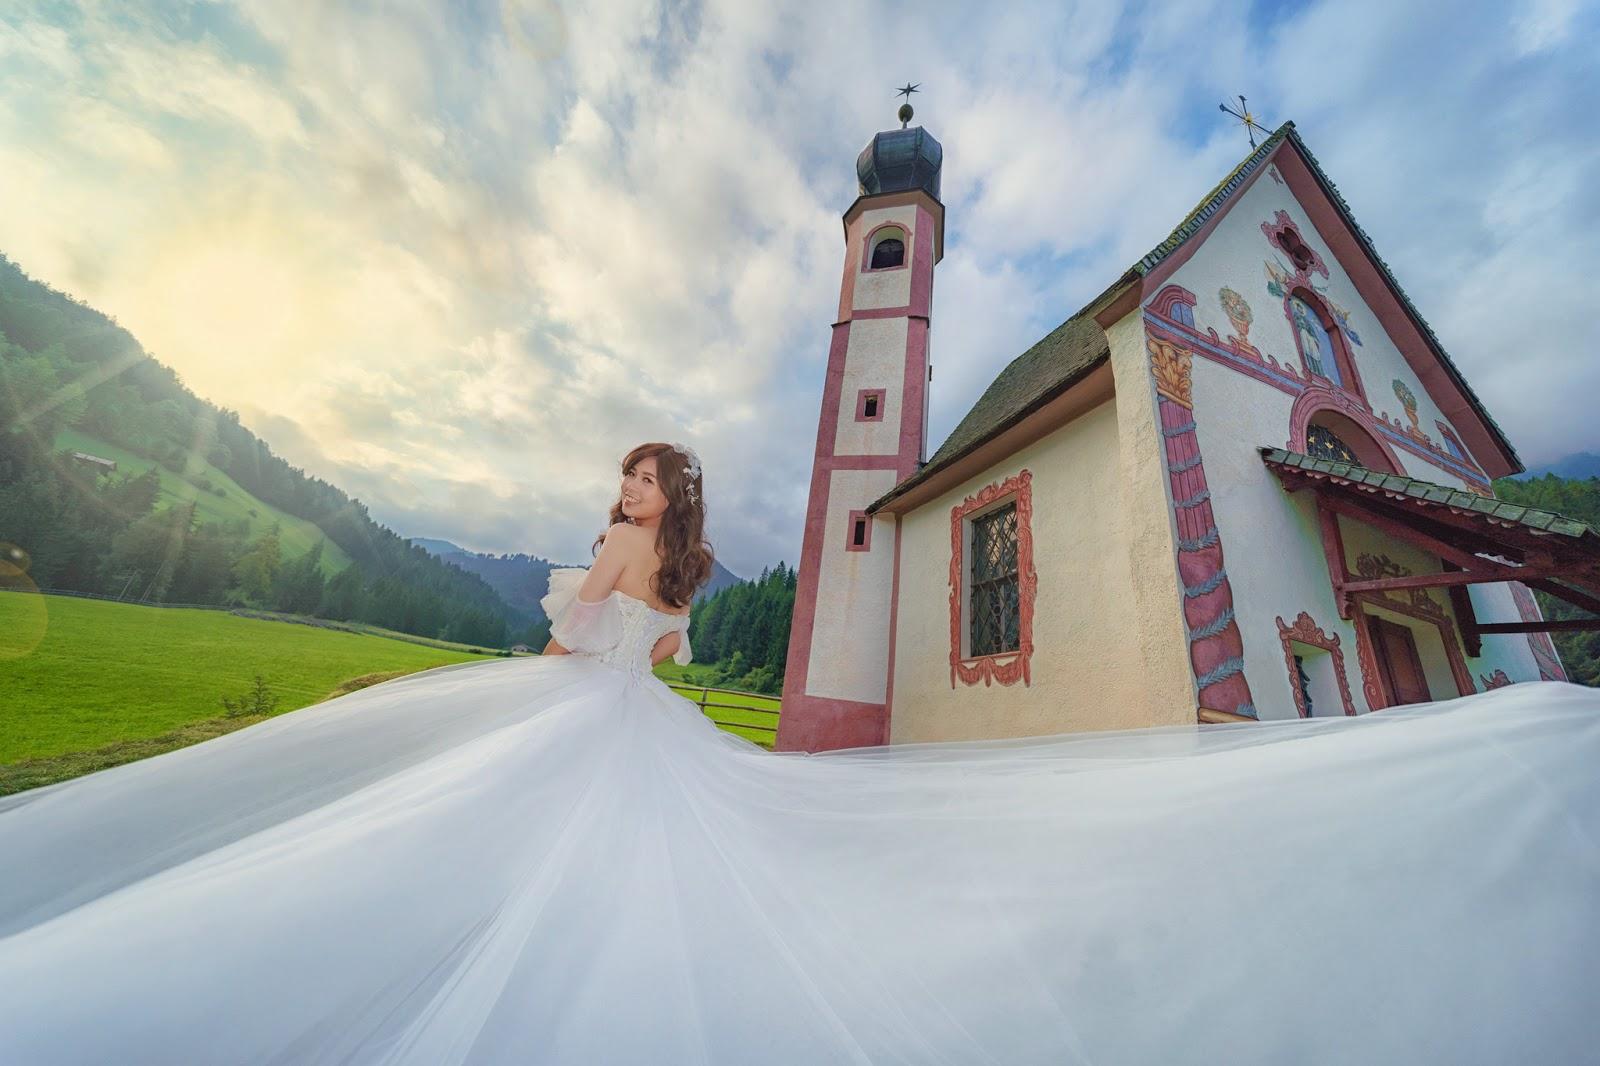 多洛米蒂紗 富內斯 Val di Funes 仙境婚紗 Dolomiti婚紗 義大利婚紗 Bolzano 波扎諾 威尼斯婚紗 米蘭羅馬